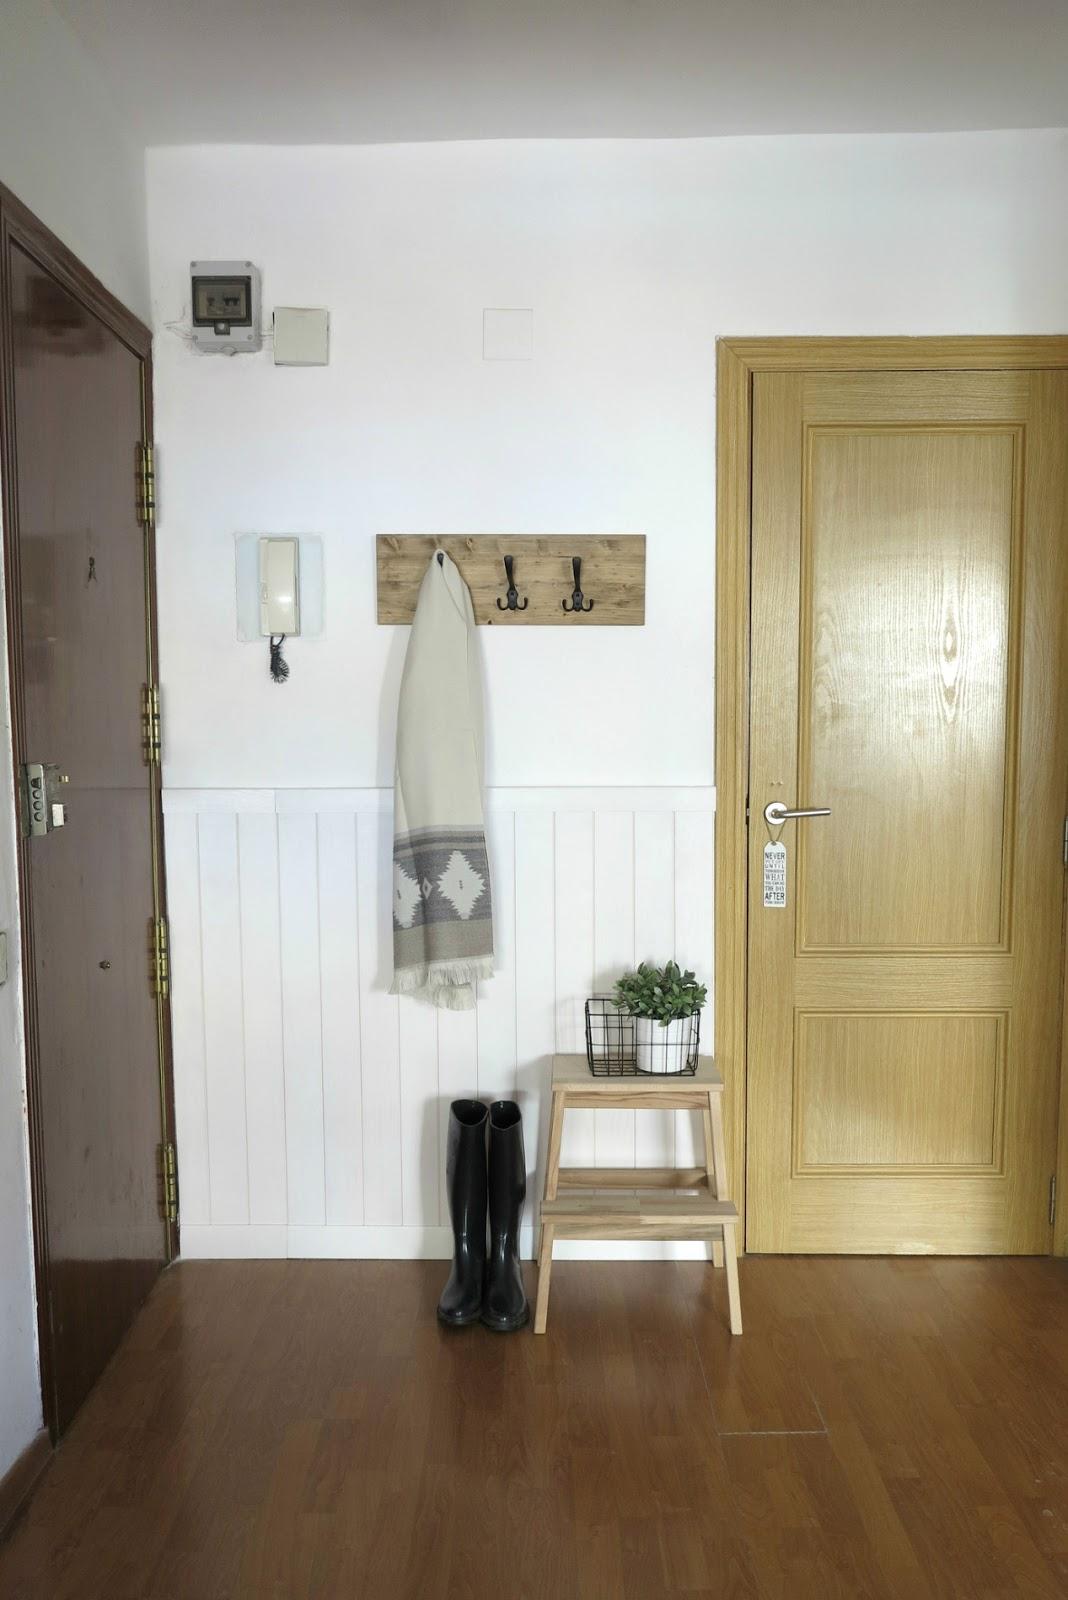 Rocco En Mi Sofa Renovando La Entrada De Casa Y Diy Perchero Rústico